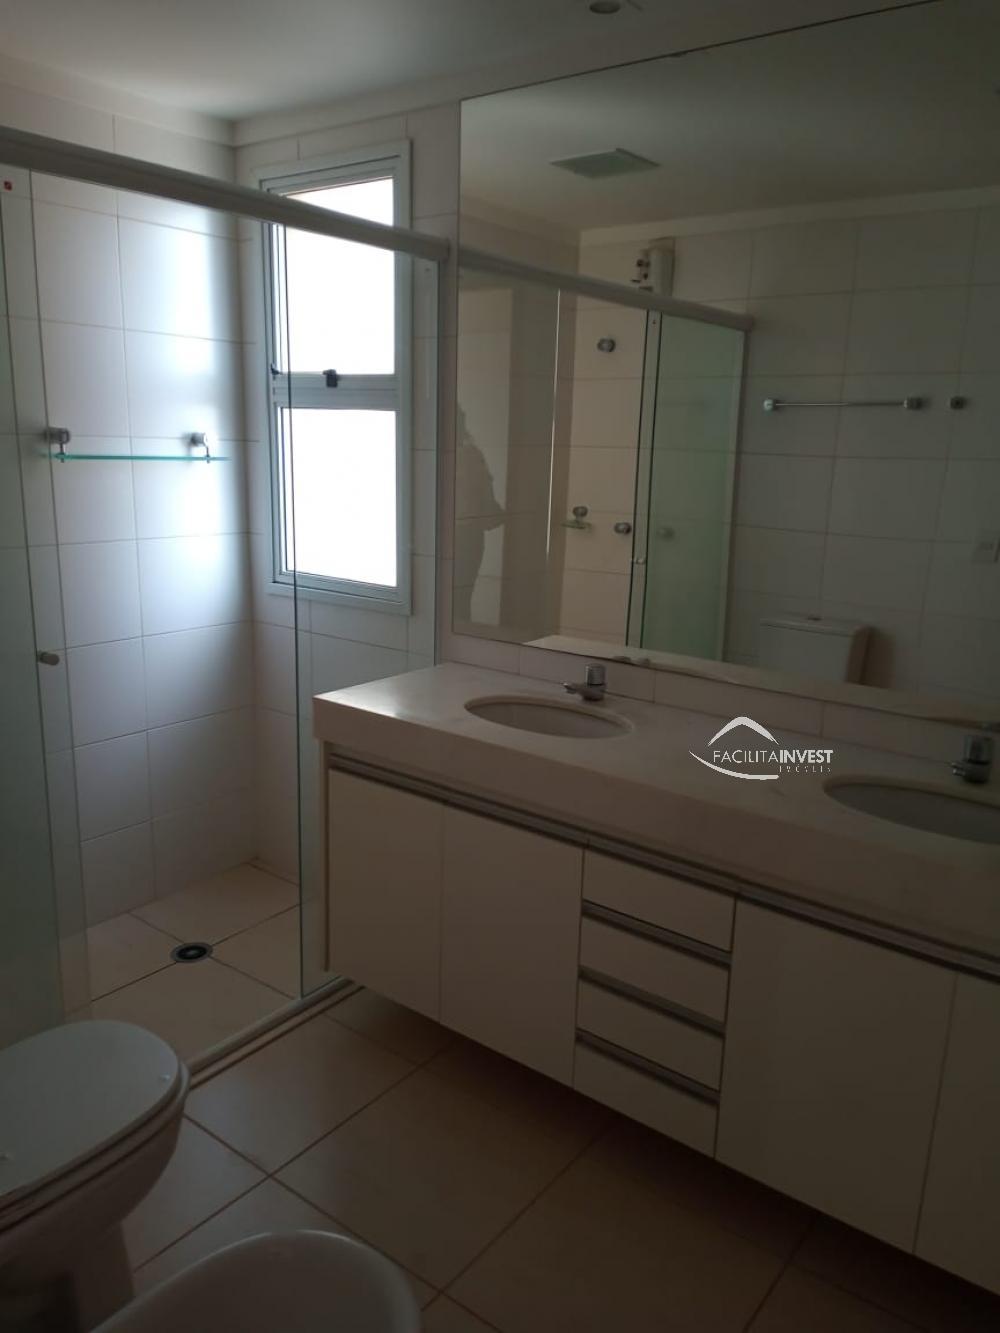 Alugar Apartamentos / Apart. Padrão em Ribeirão Preto apenas R$ 3.800,00 - Foto 16